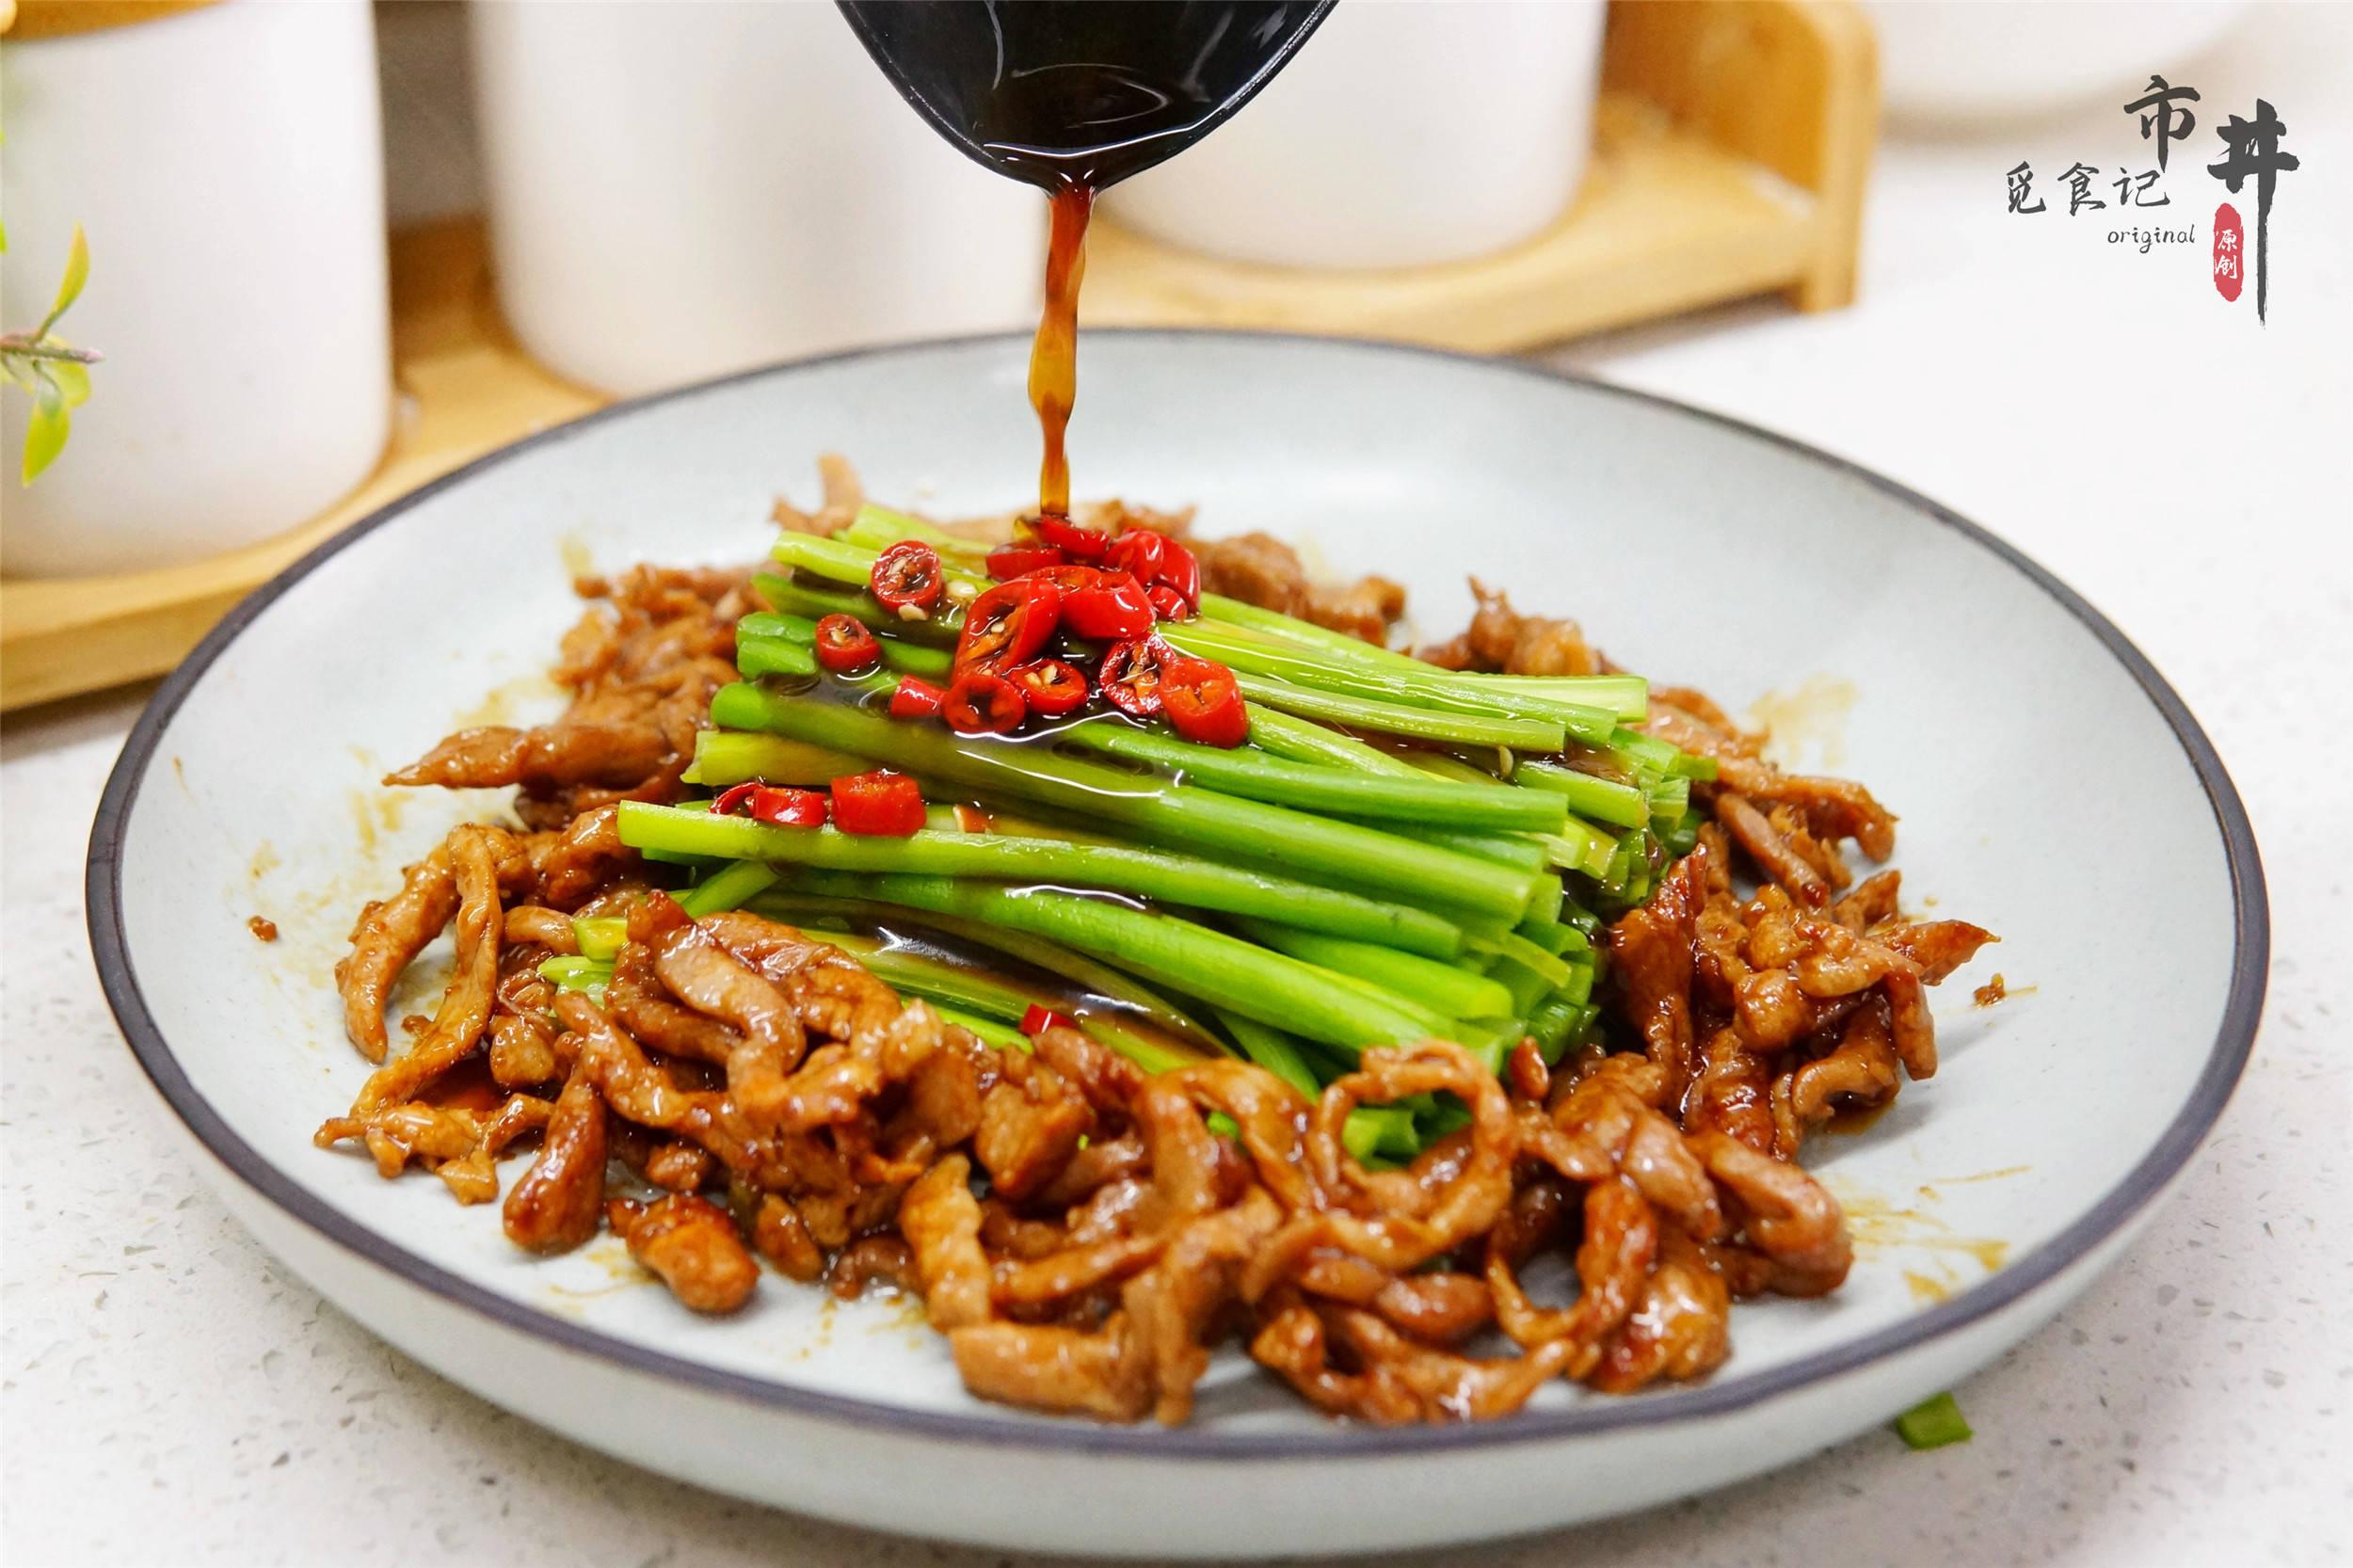 这凉拌菜,比吃拍黄瓜过瘾,撕成条就上桌,清爽可口,家宴受欢迎